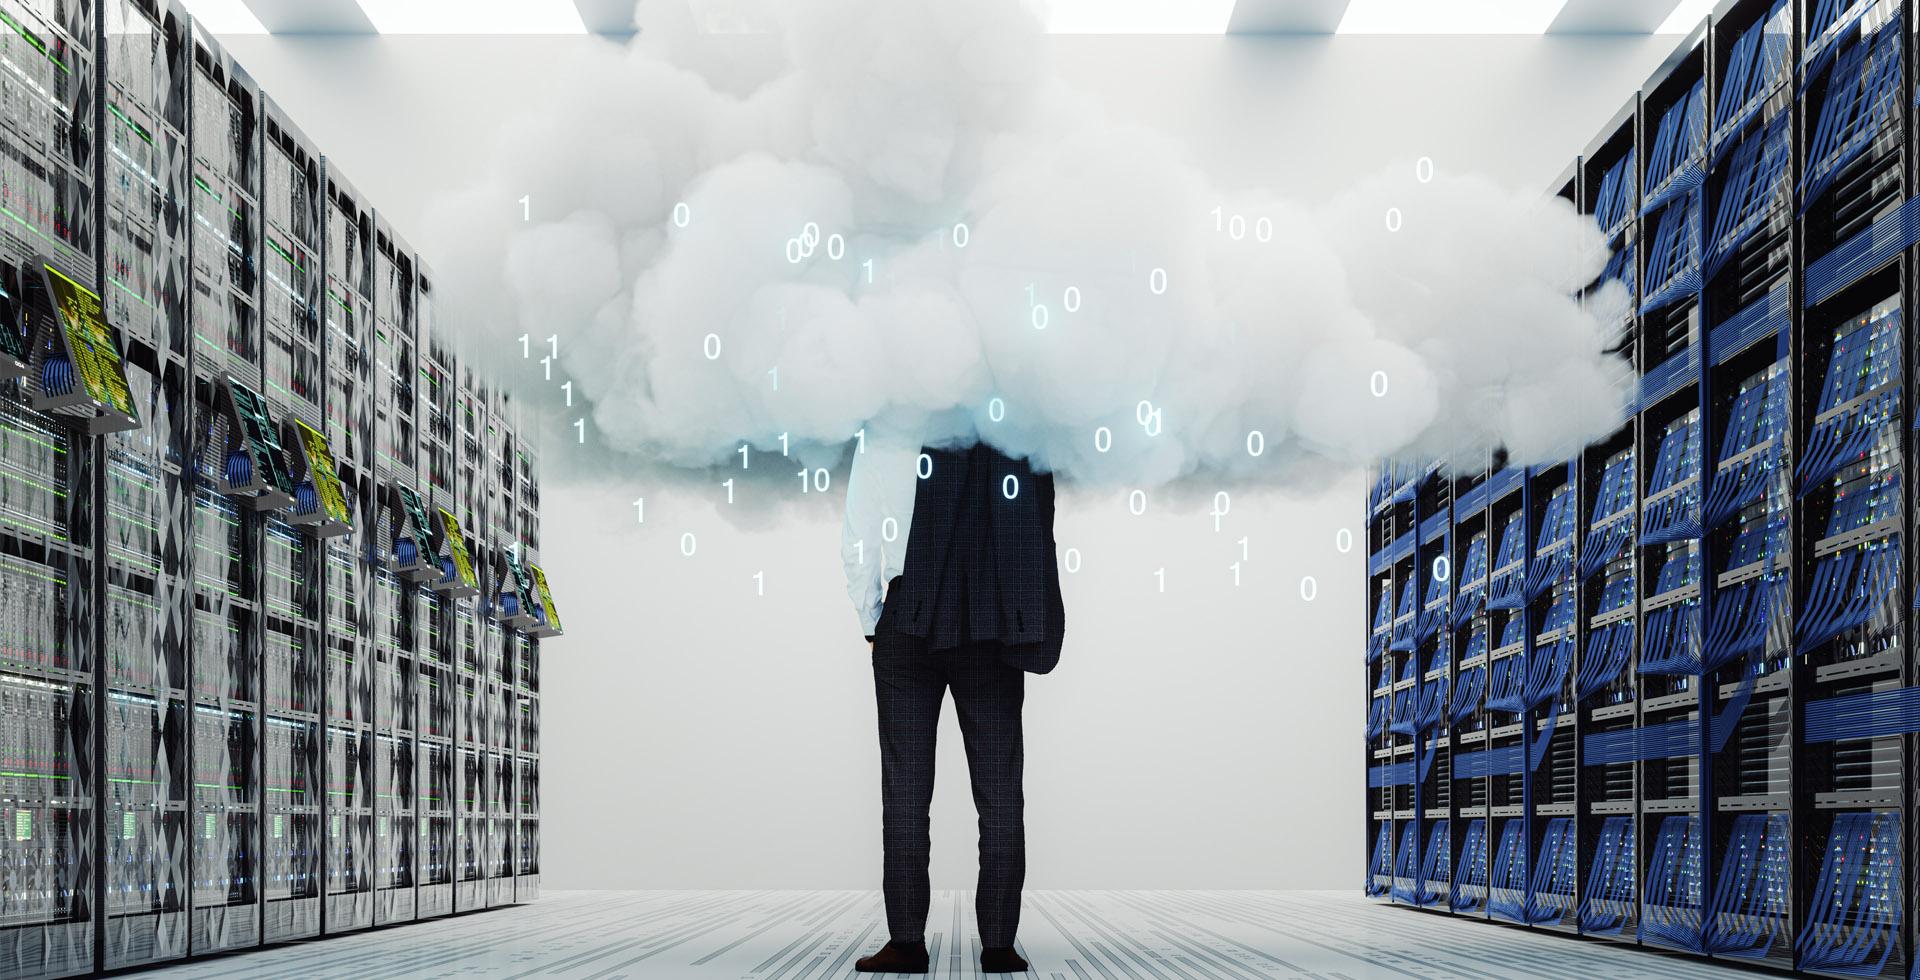 ewerk-trendthema-kritis-cloud-oeffentliche-wolke-mann-1920x980